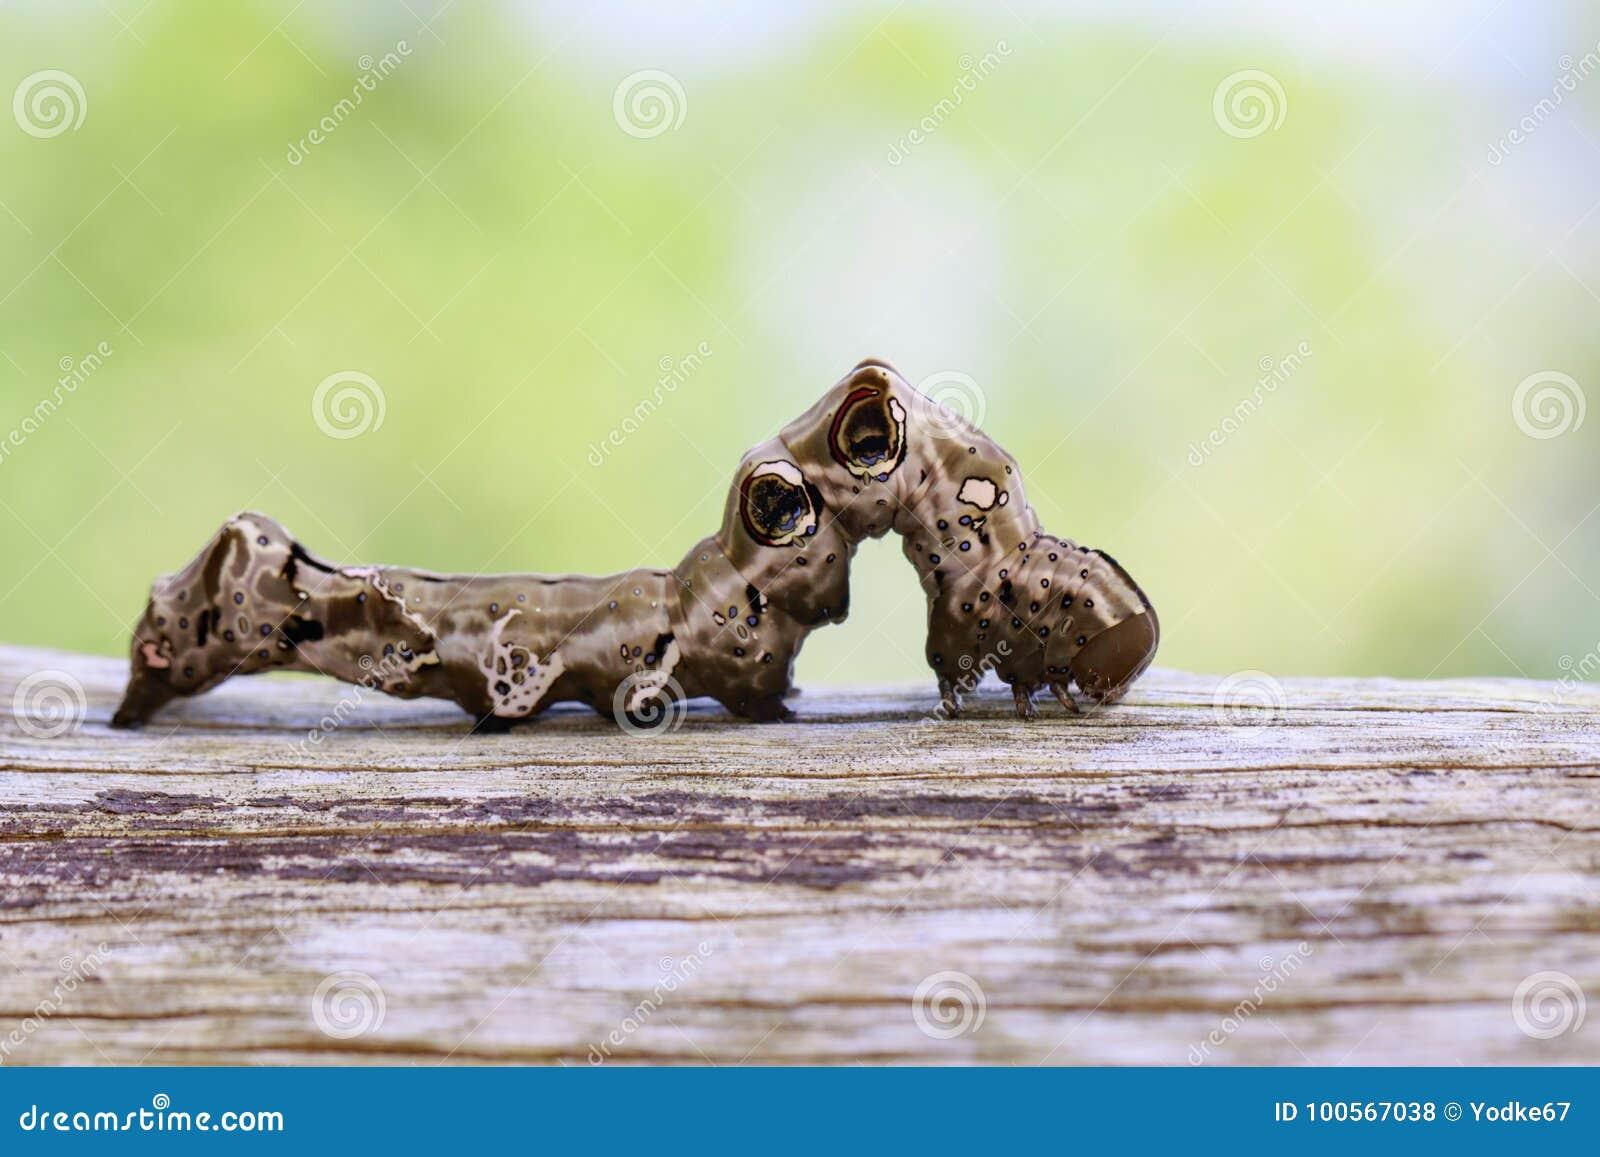 Εικόνα της καφετιάς κάμπιας στην καφετιά ξηρά ξυλεία έντομο _